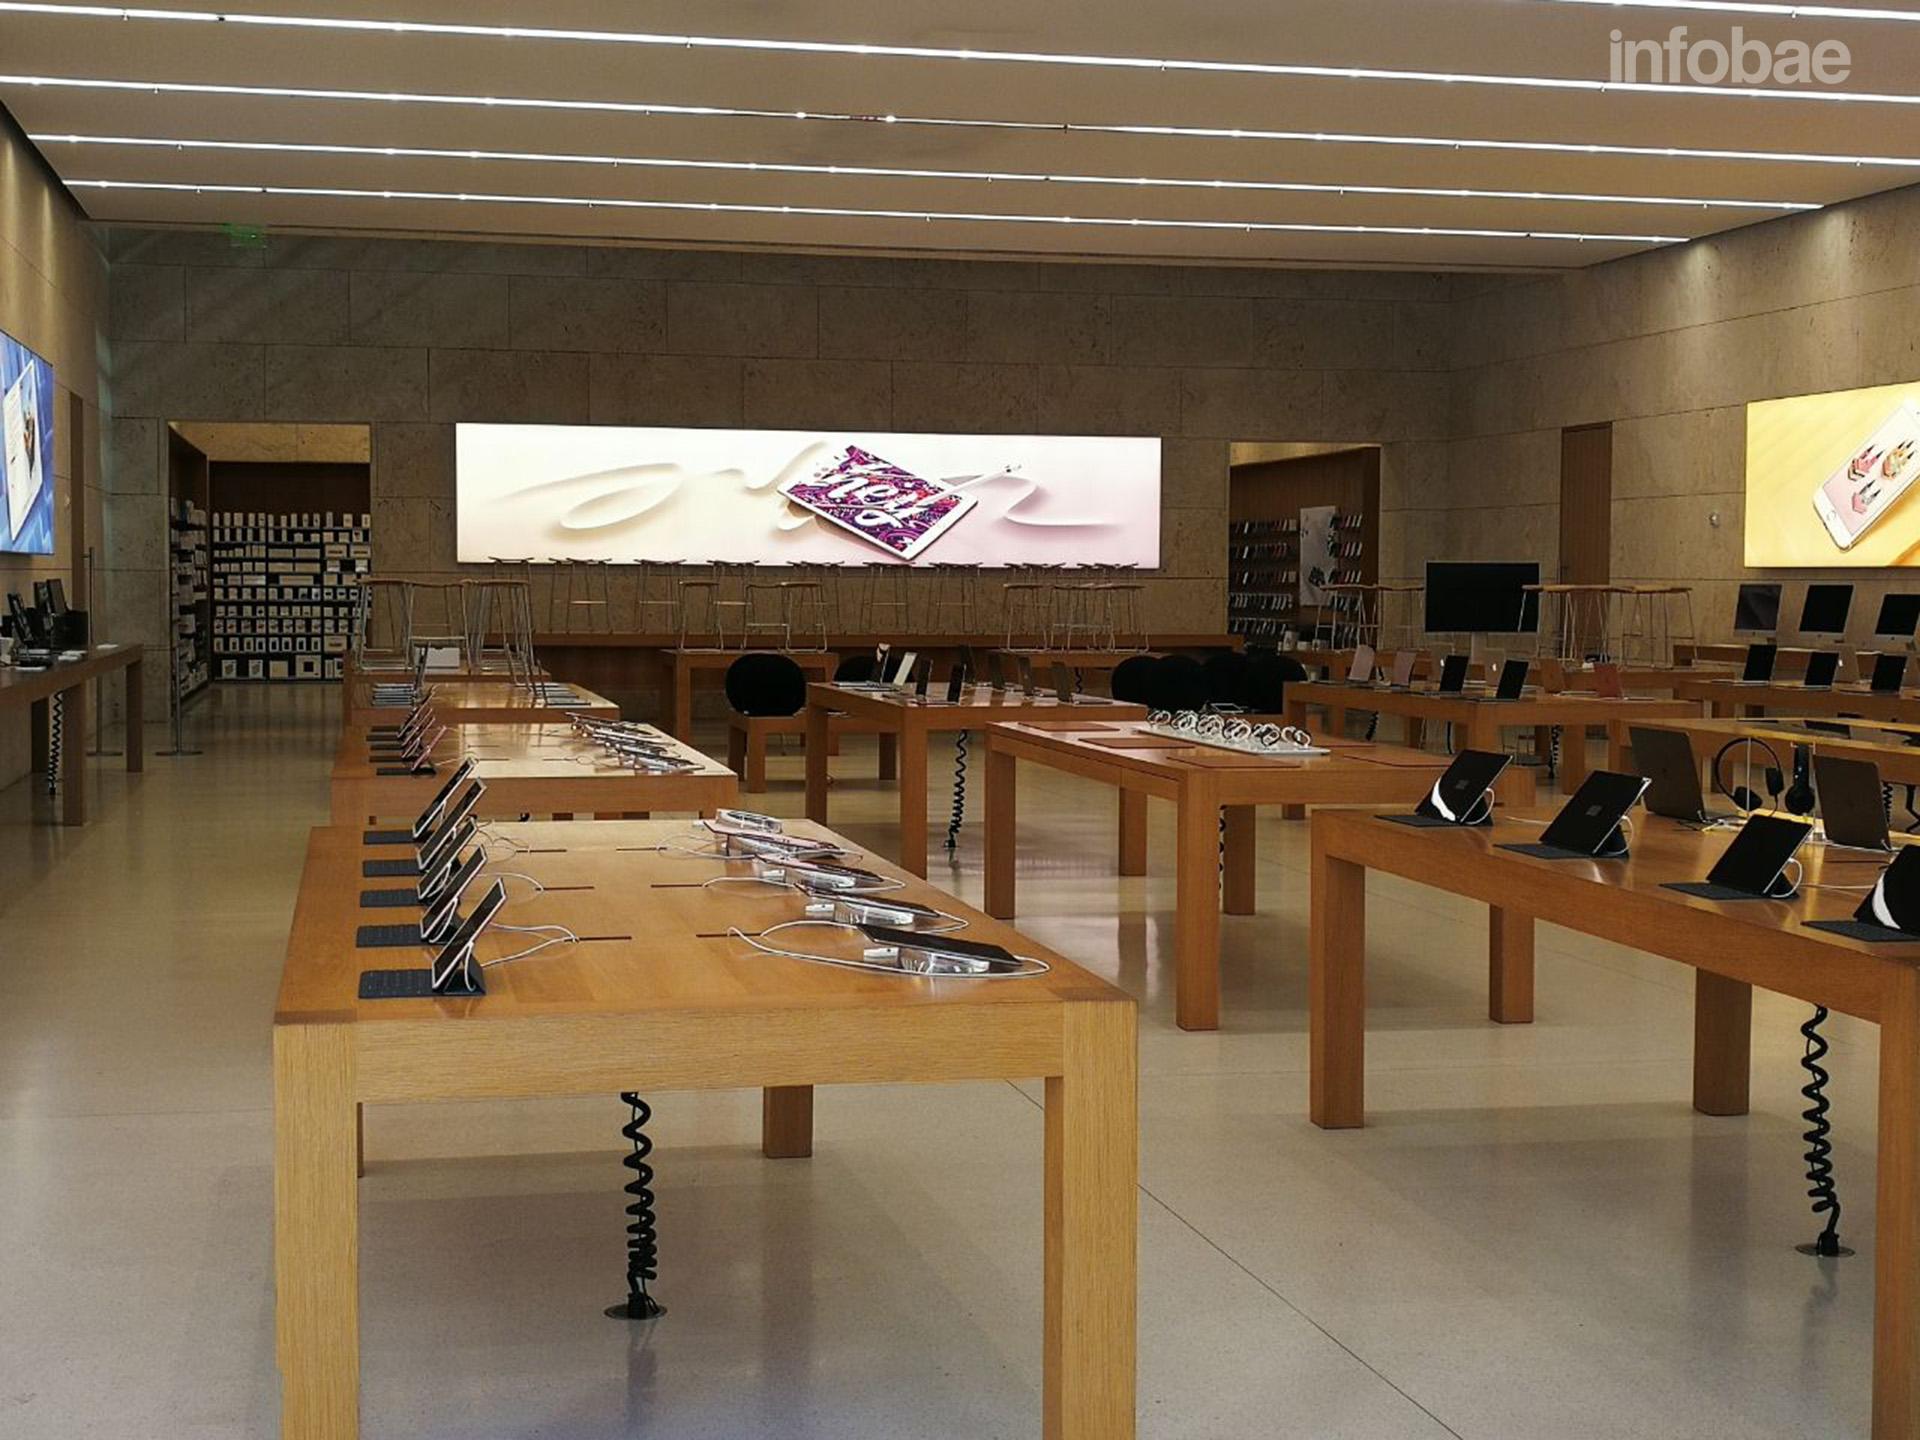 El interior del Apple Store que suele albergar a decenas de personas a toda hora, cerrado (Infobae)